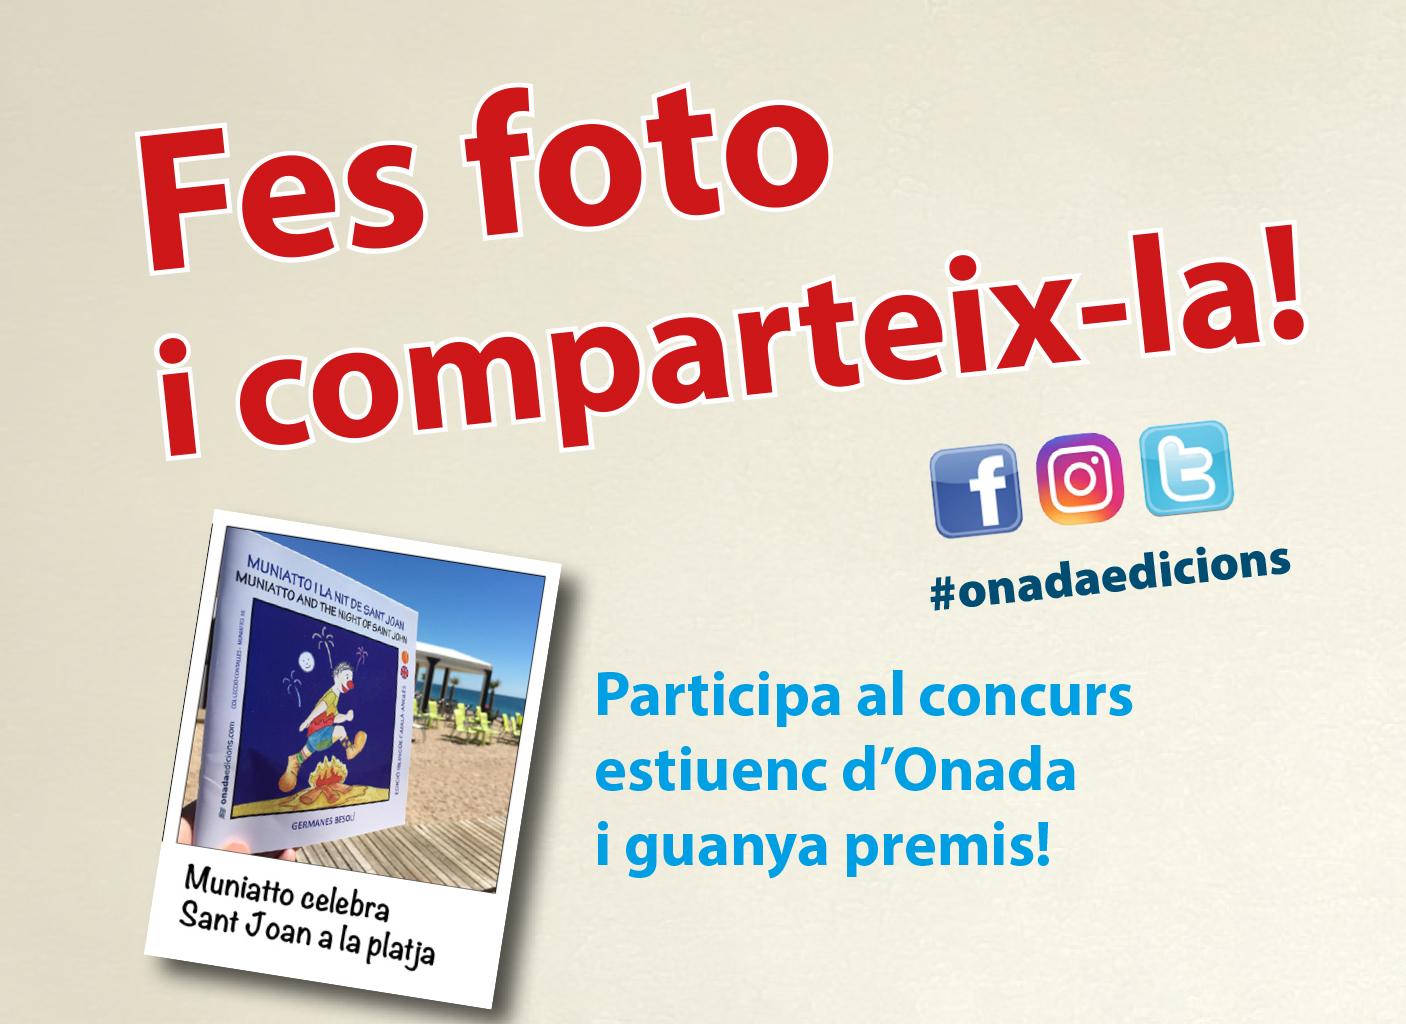 Fes foto i comparteix-la!